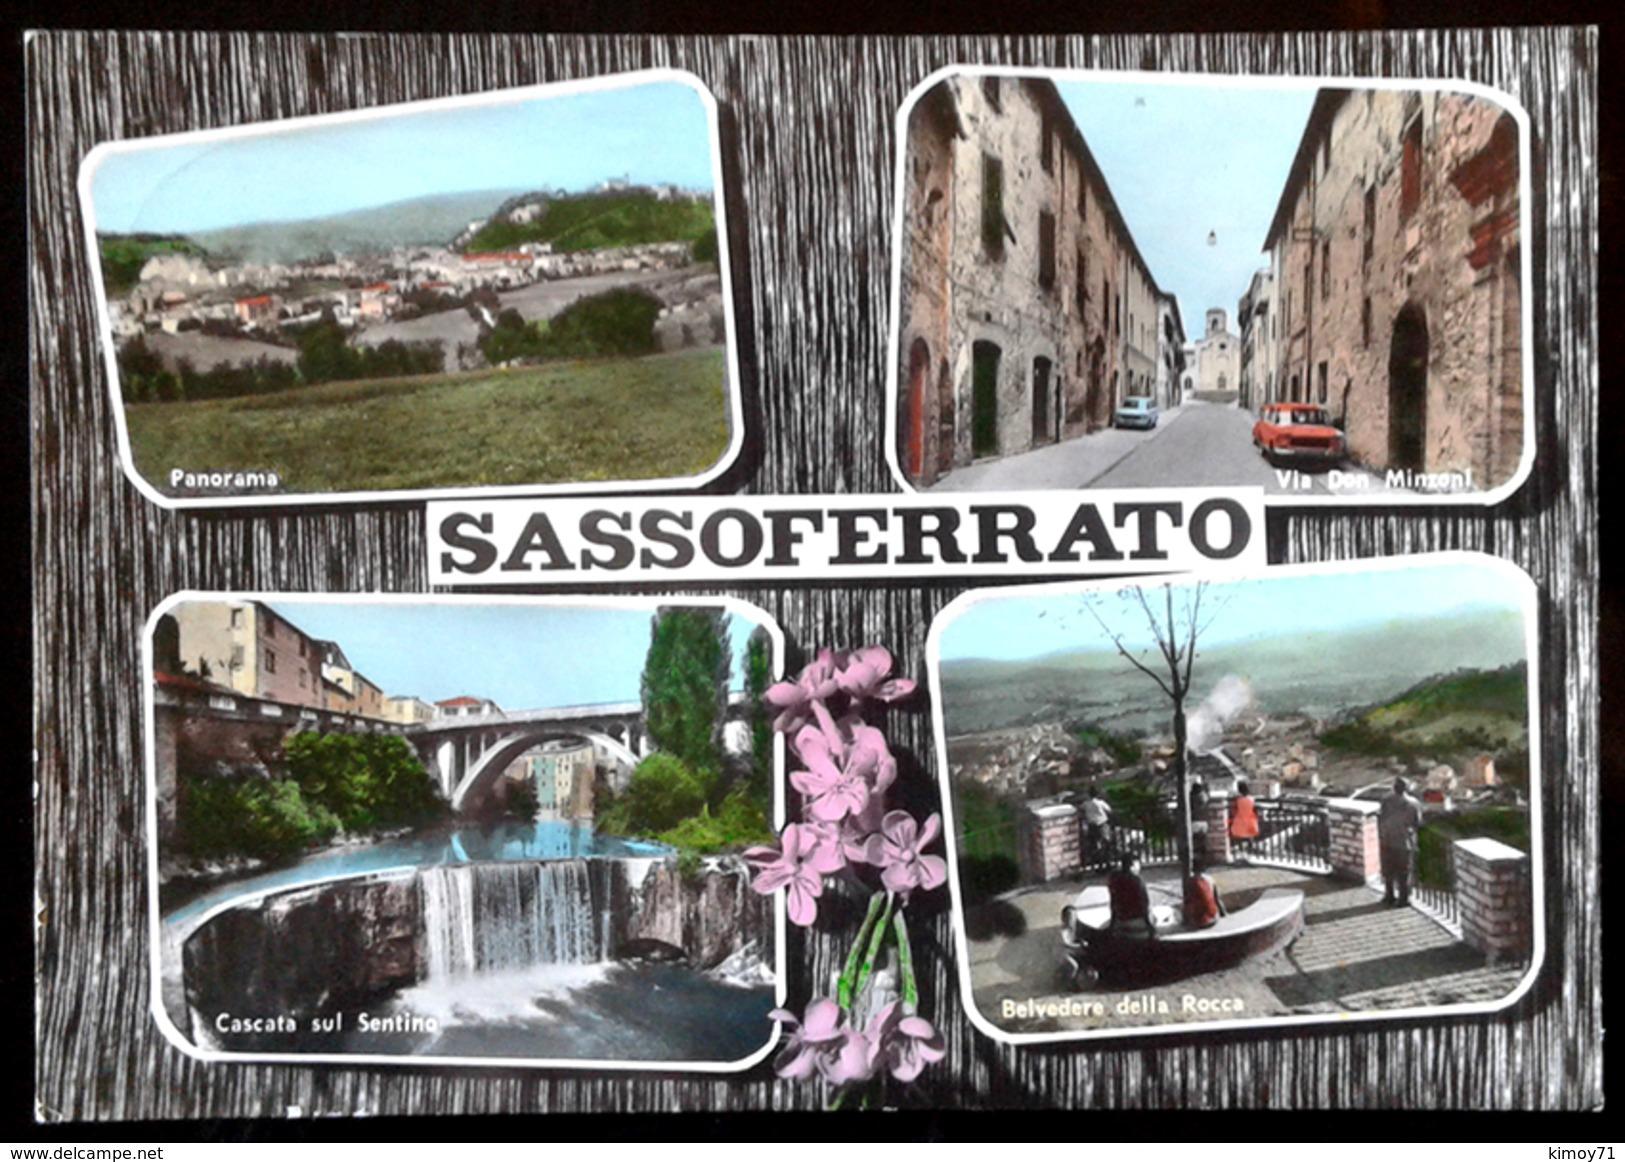 SASSOFERRATO (Ancona) Cartolina Con 4 Scorci, Anni 60 - Ancona